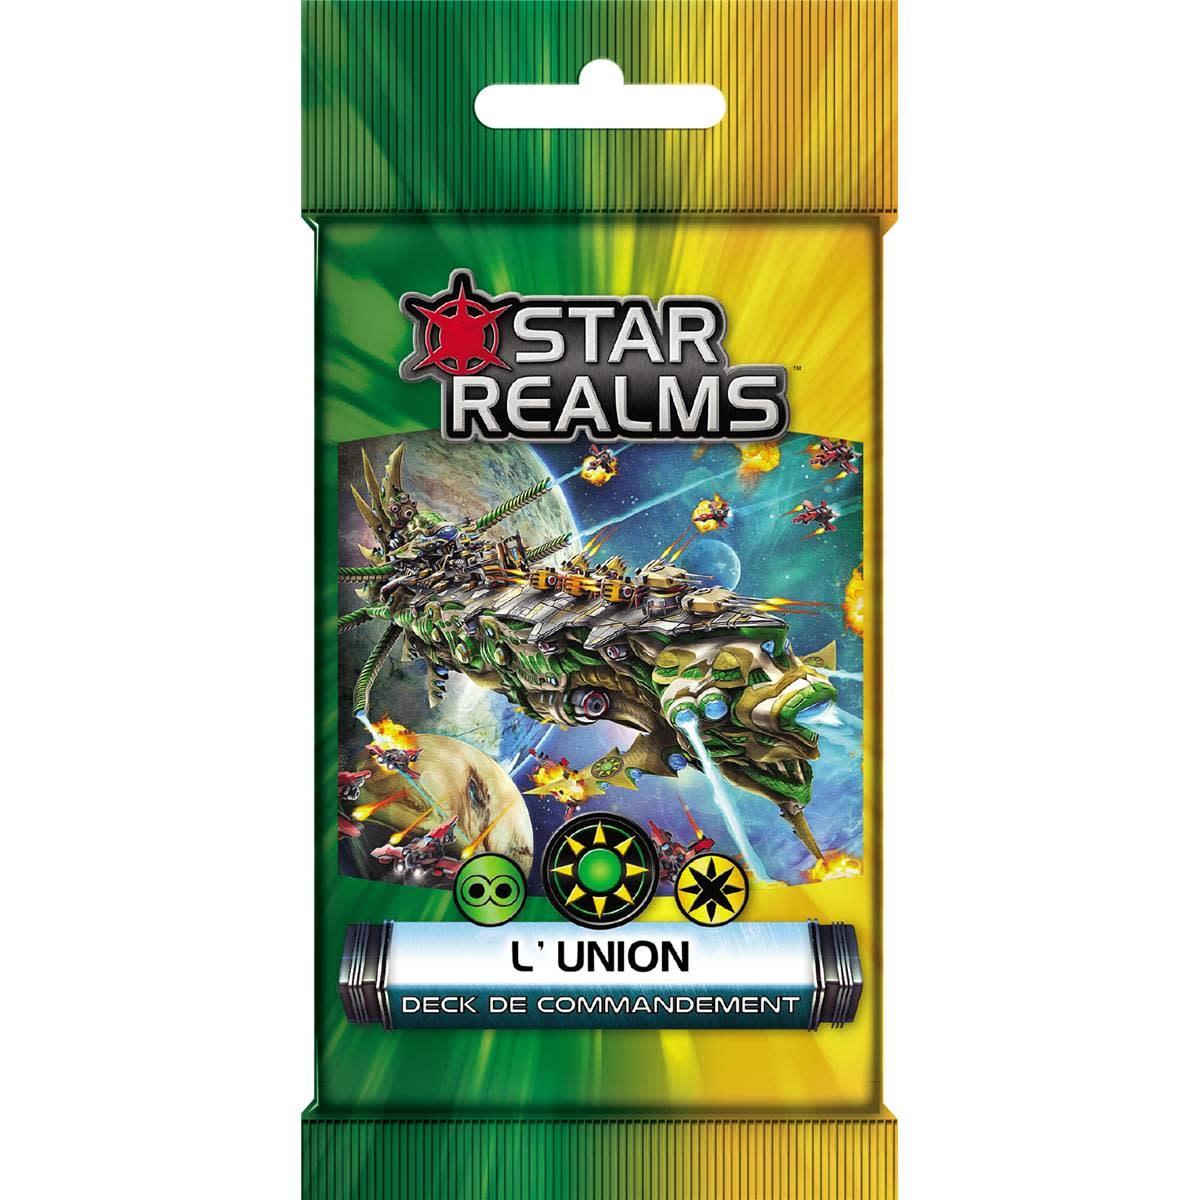 Star Realm -  Deck Commandement: L'Union